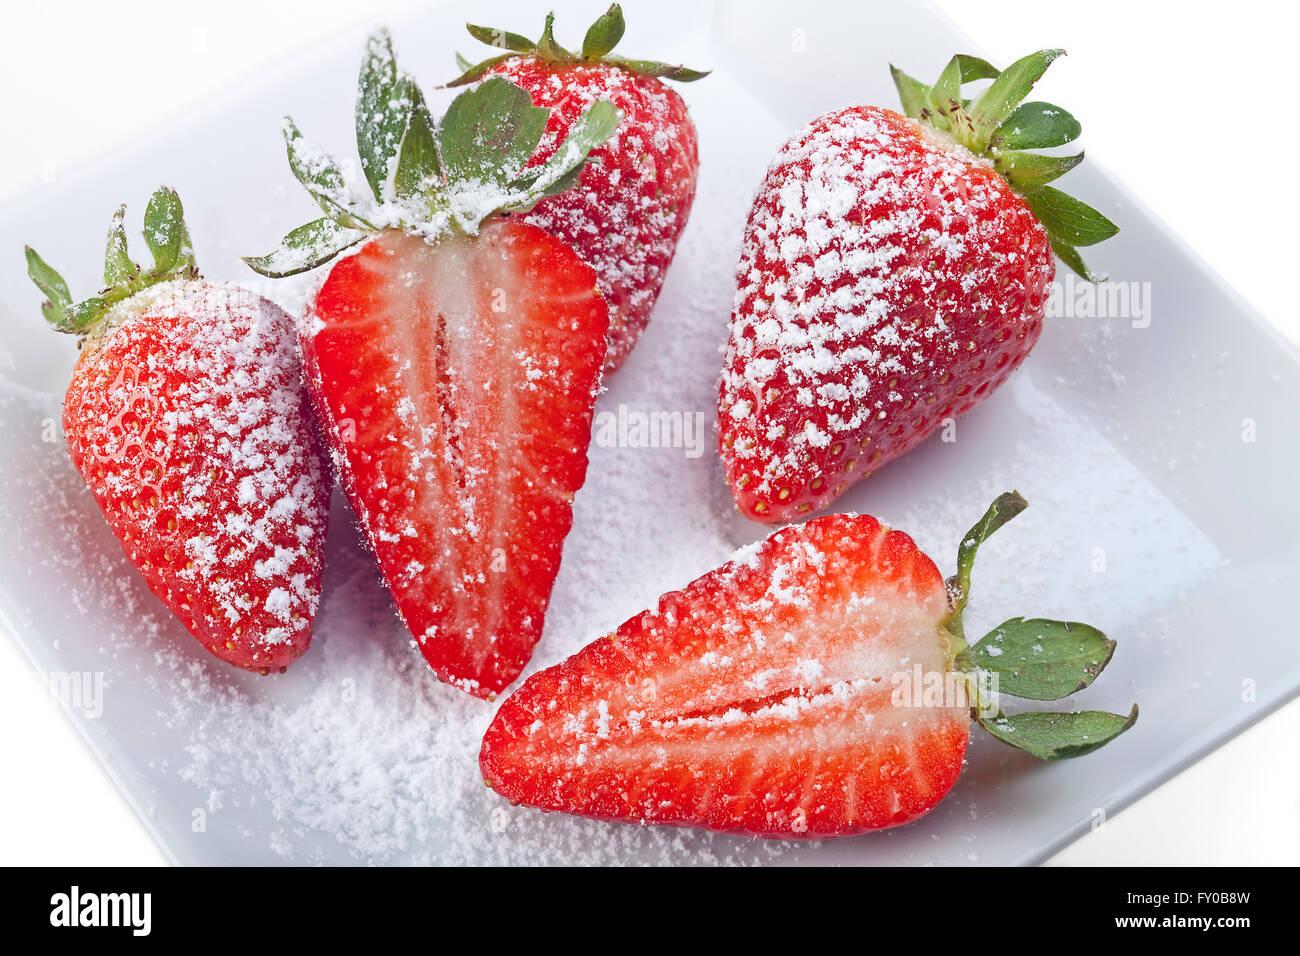 Handvoll Erdbeeren isoliert auf weiss - Stock Image